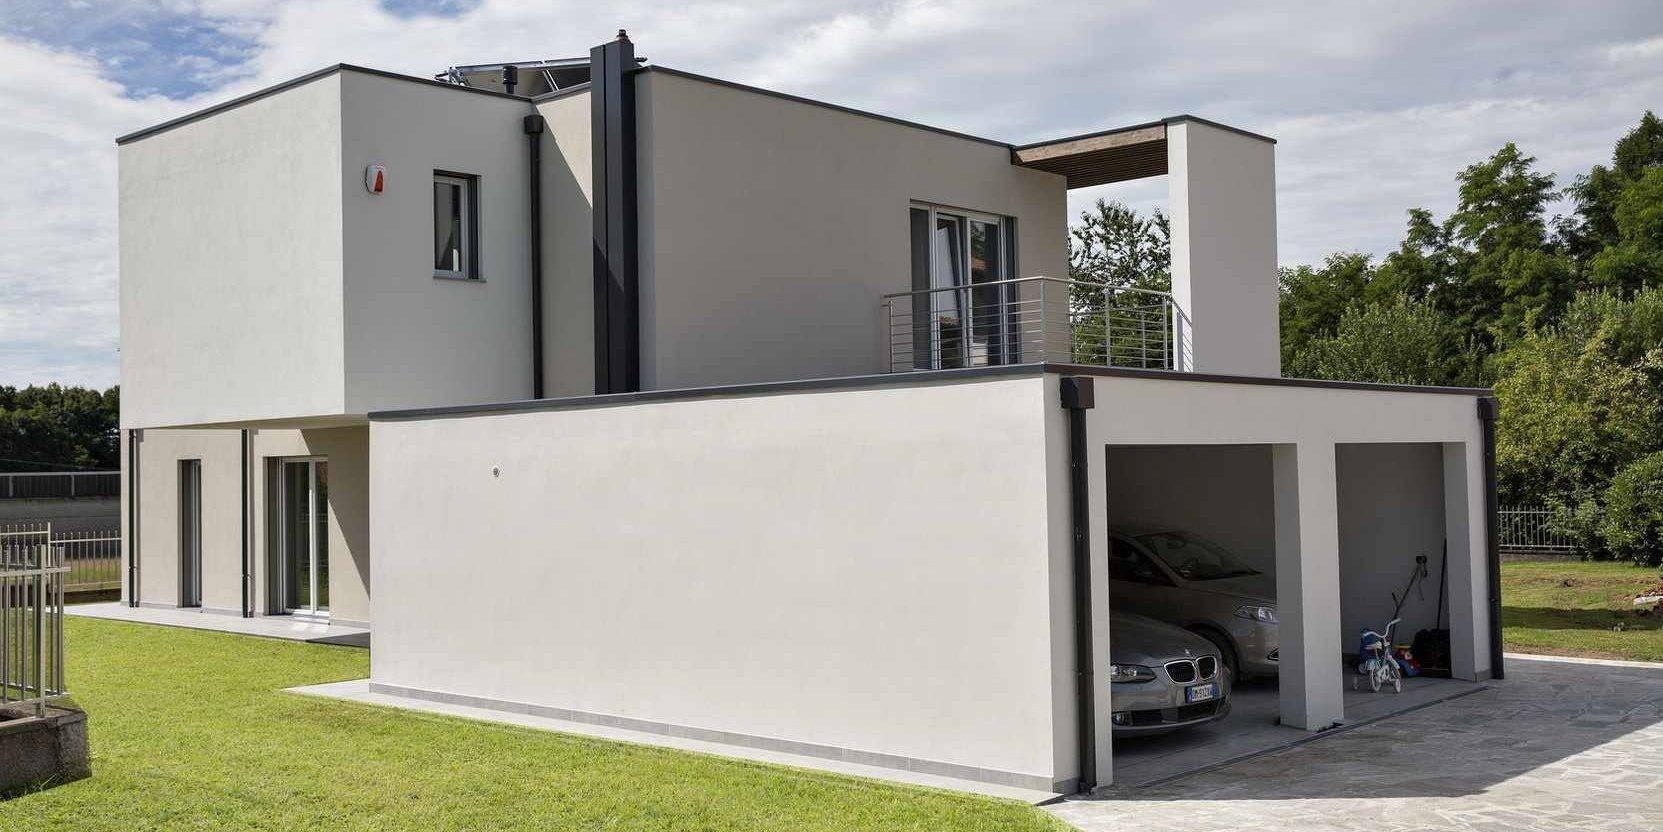 cubus boca. Black Bedroom Furniture Sets. Home Design Ideas